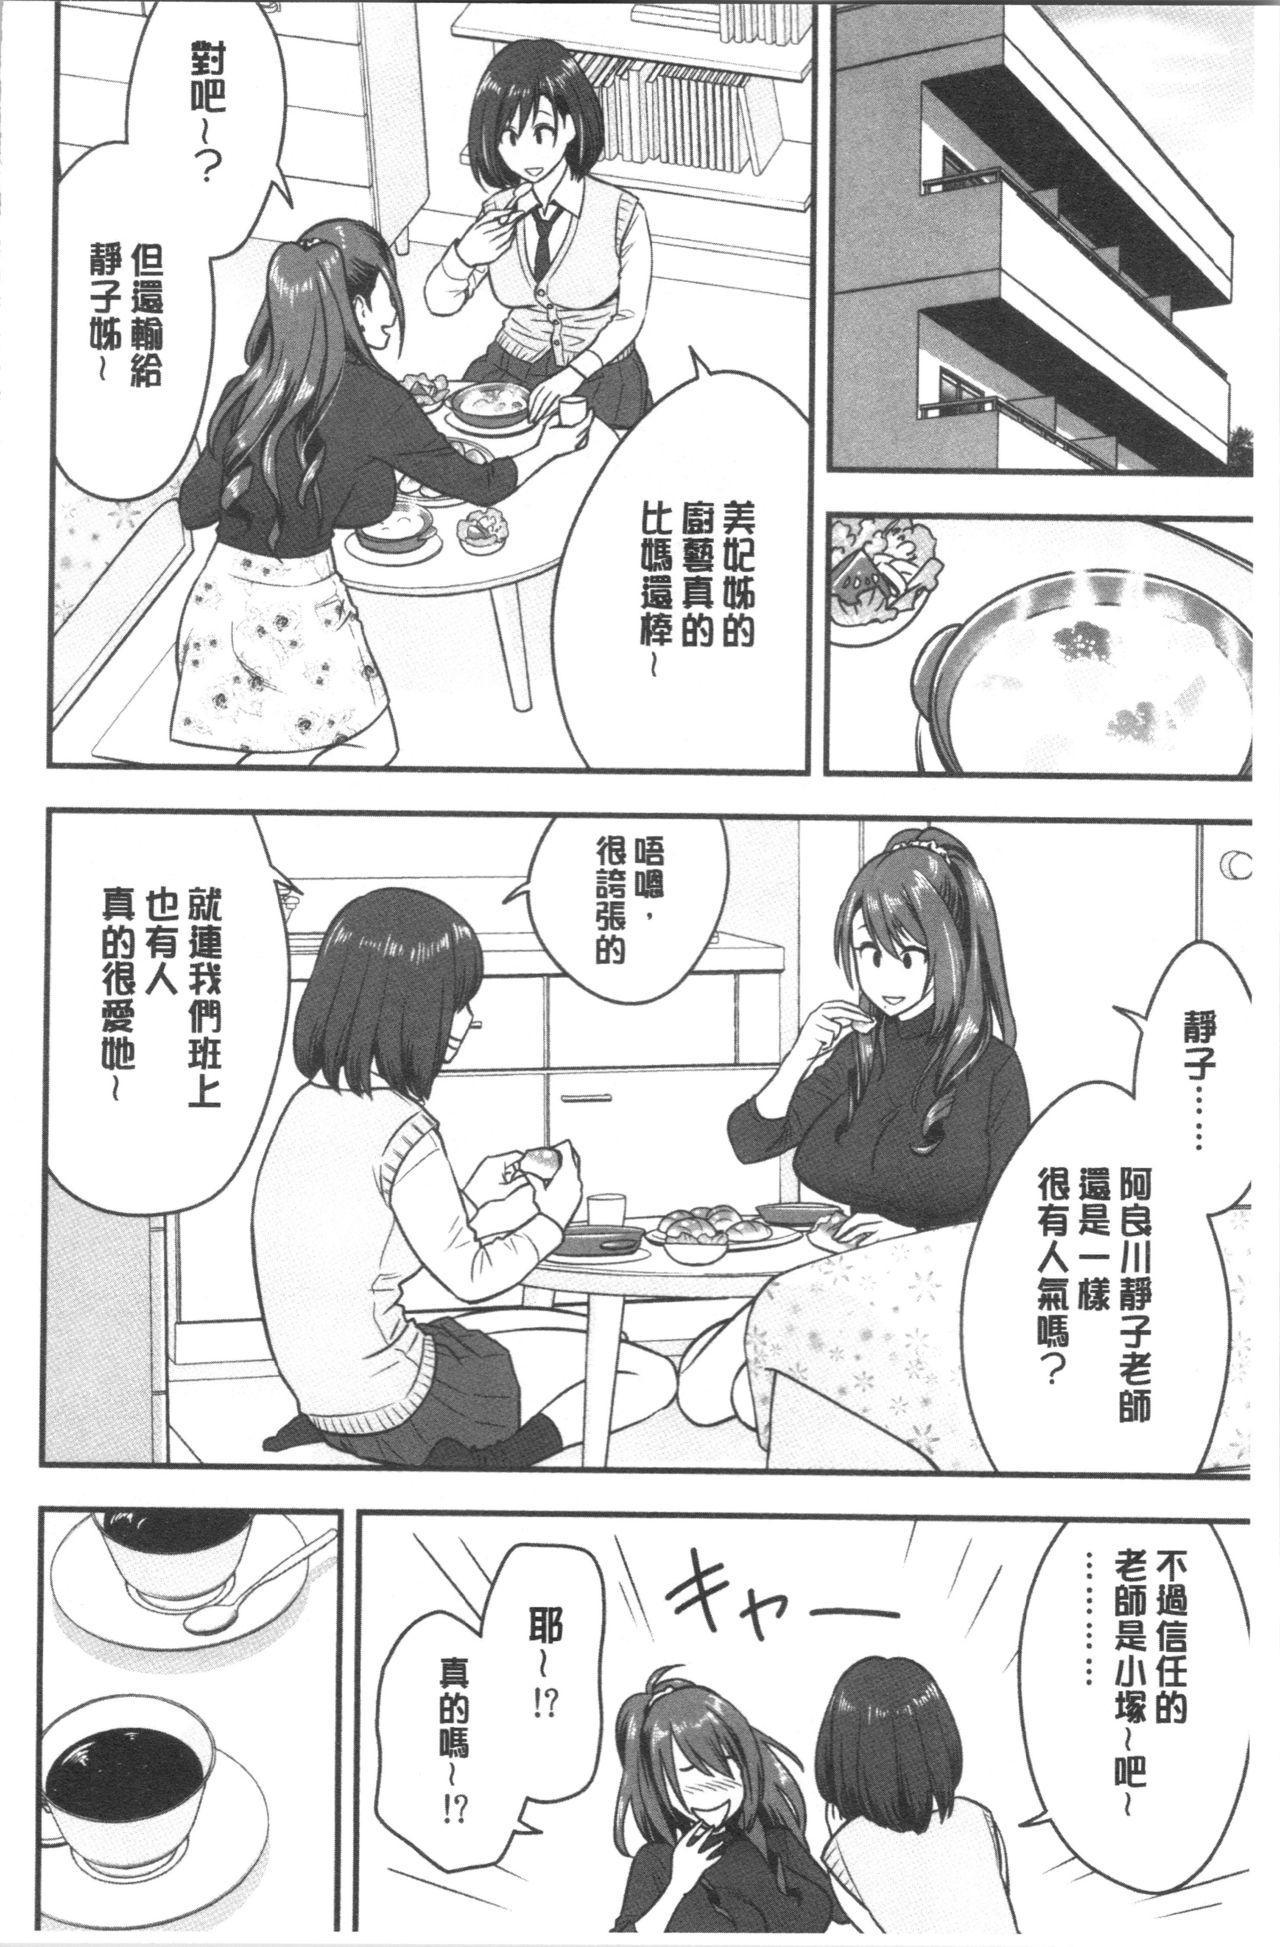 [Tatsunami Youtoku] Dankon Sousai -Hitozuma Kyoushi ga Netorareru made no Kiroku- | 男根想妻 -人妻女教師被寢取偷吃為止的記錄- [Chinese] 60